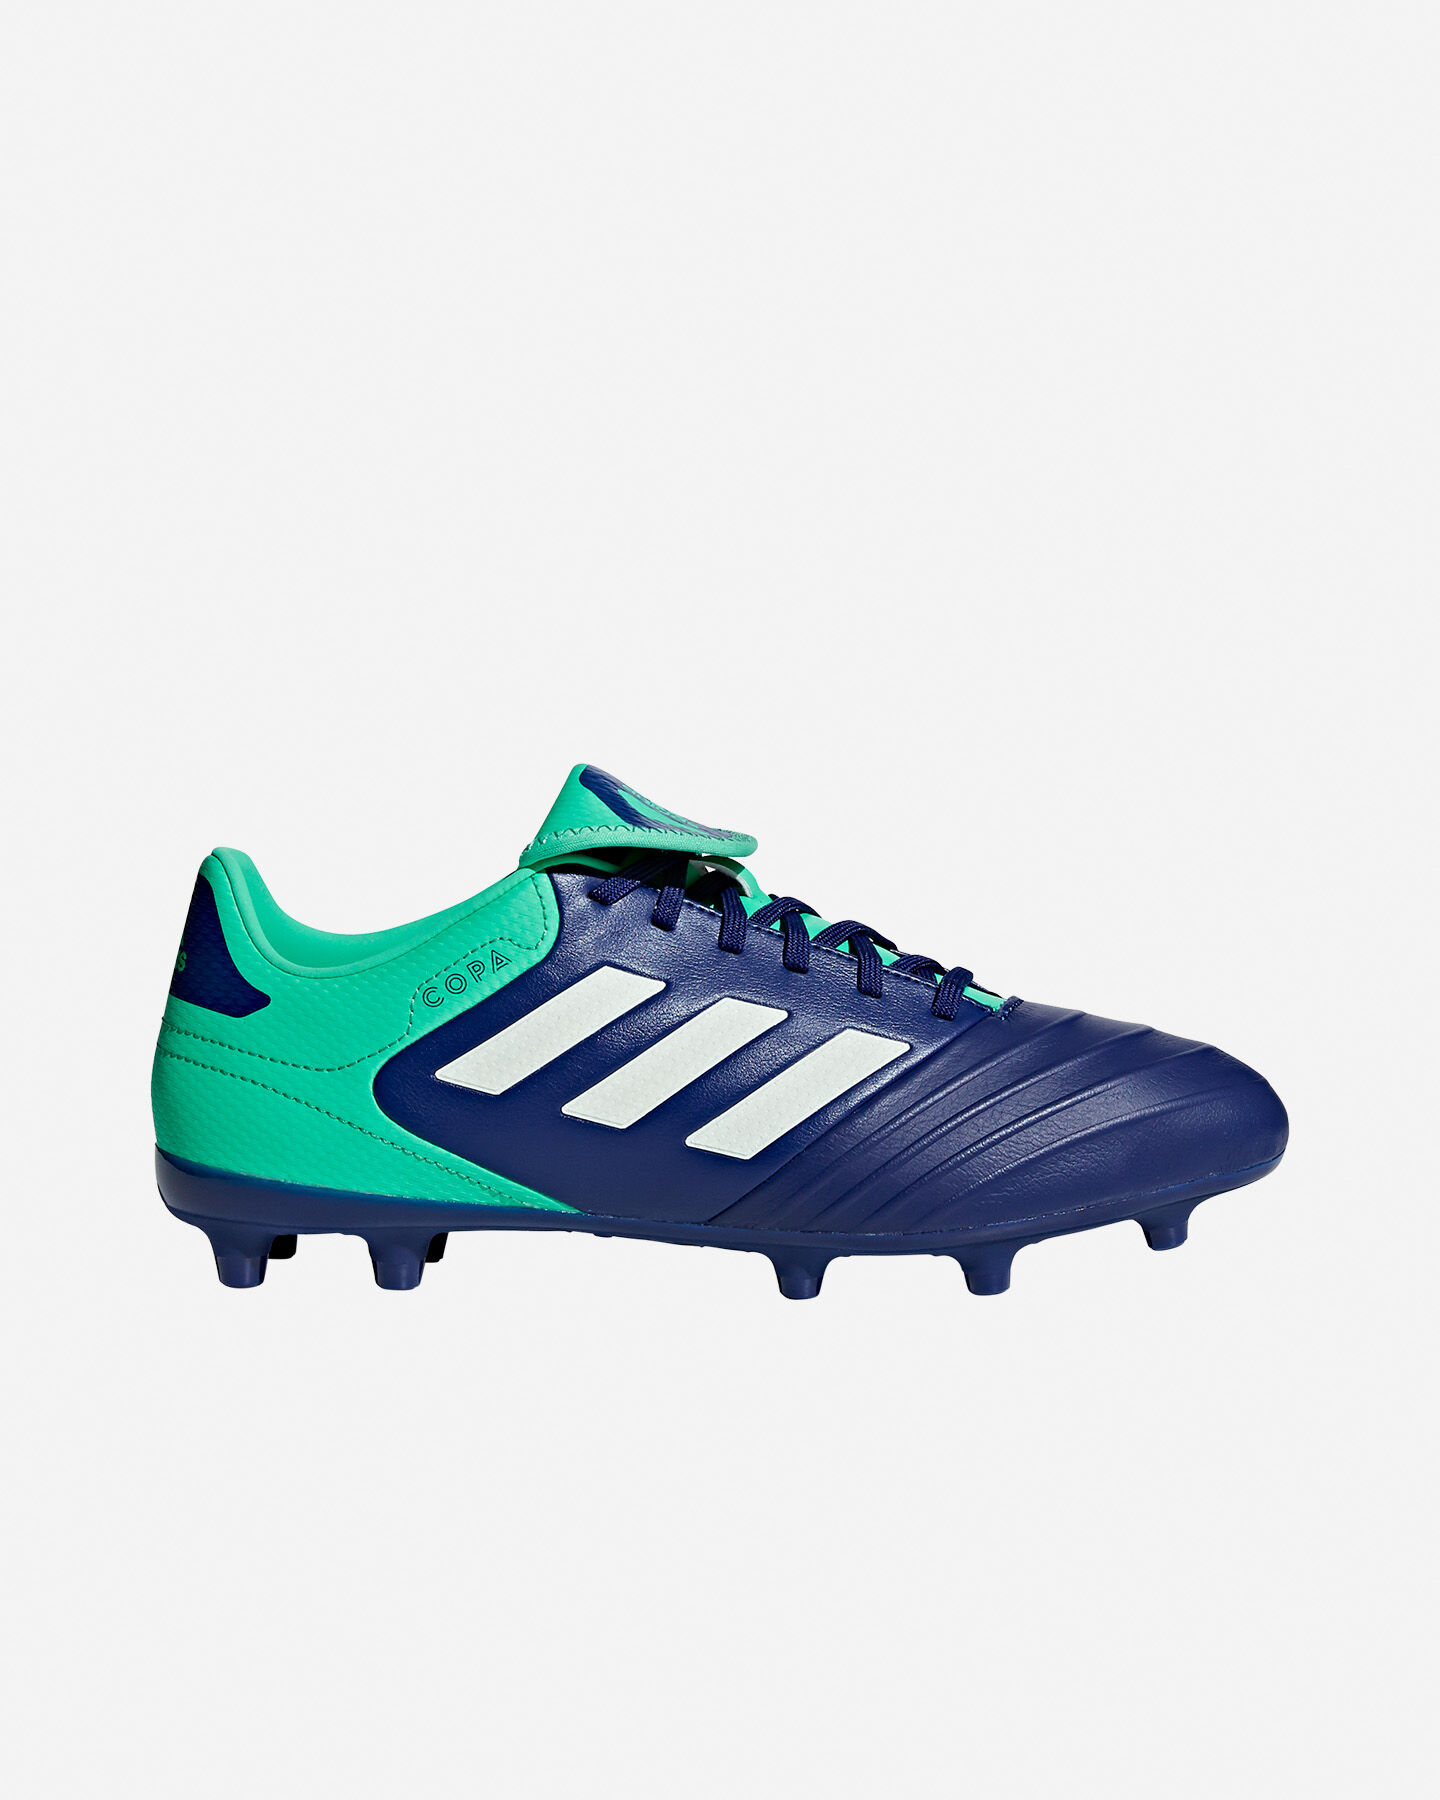 adidas Copa 74 in J, Scarpe da Calcio Unisex - Bambini, Nero (C Black/FTW bianca/c Black), 38 2/3 EU